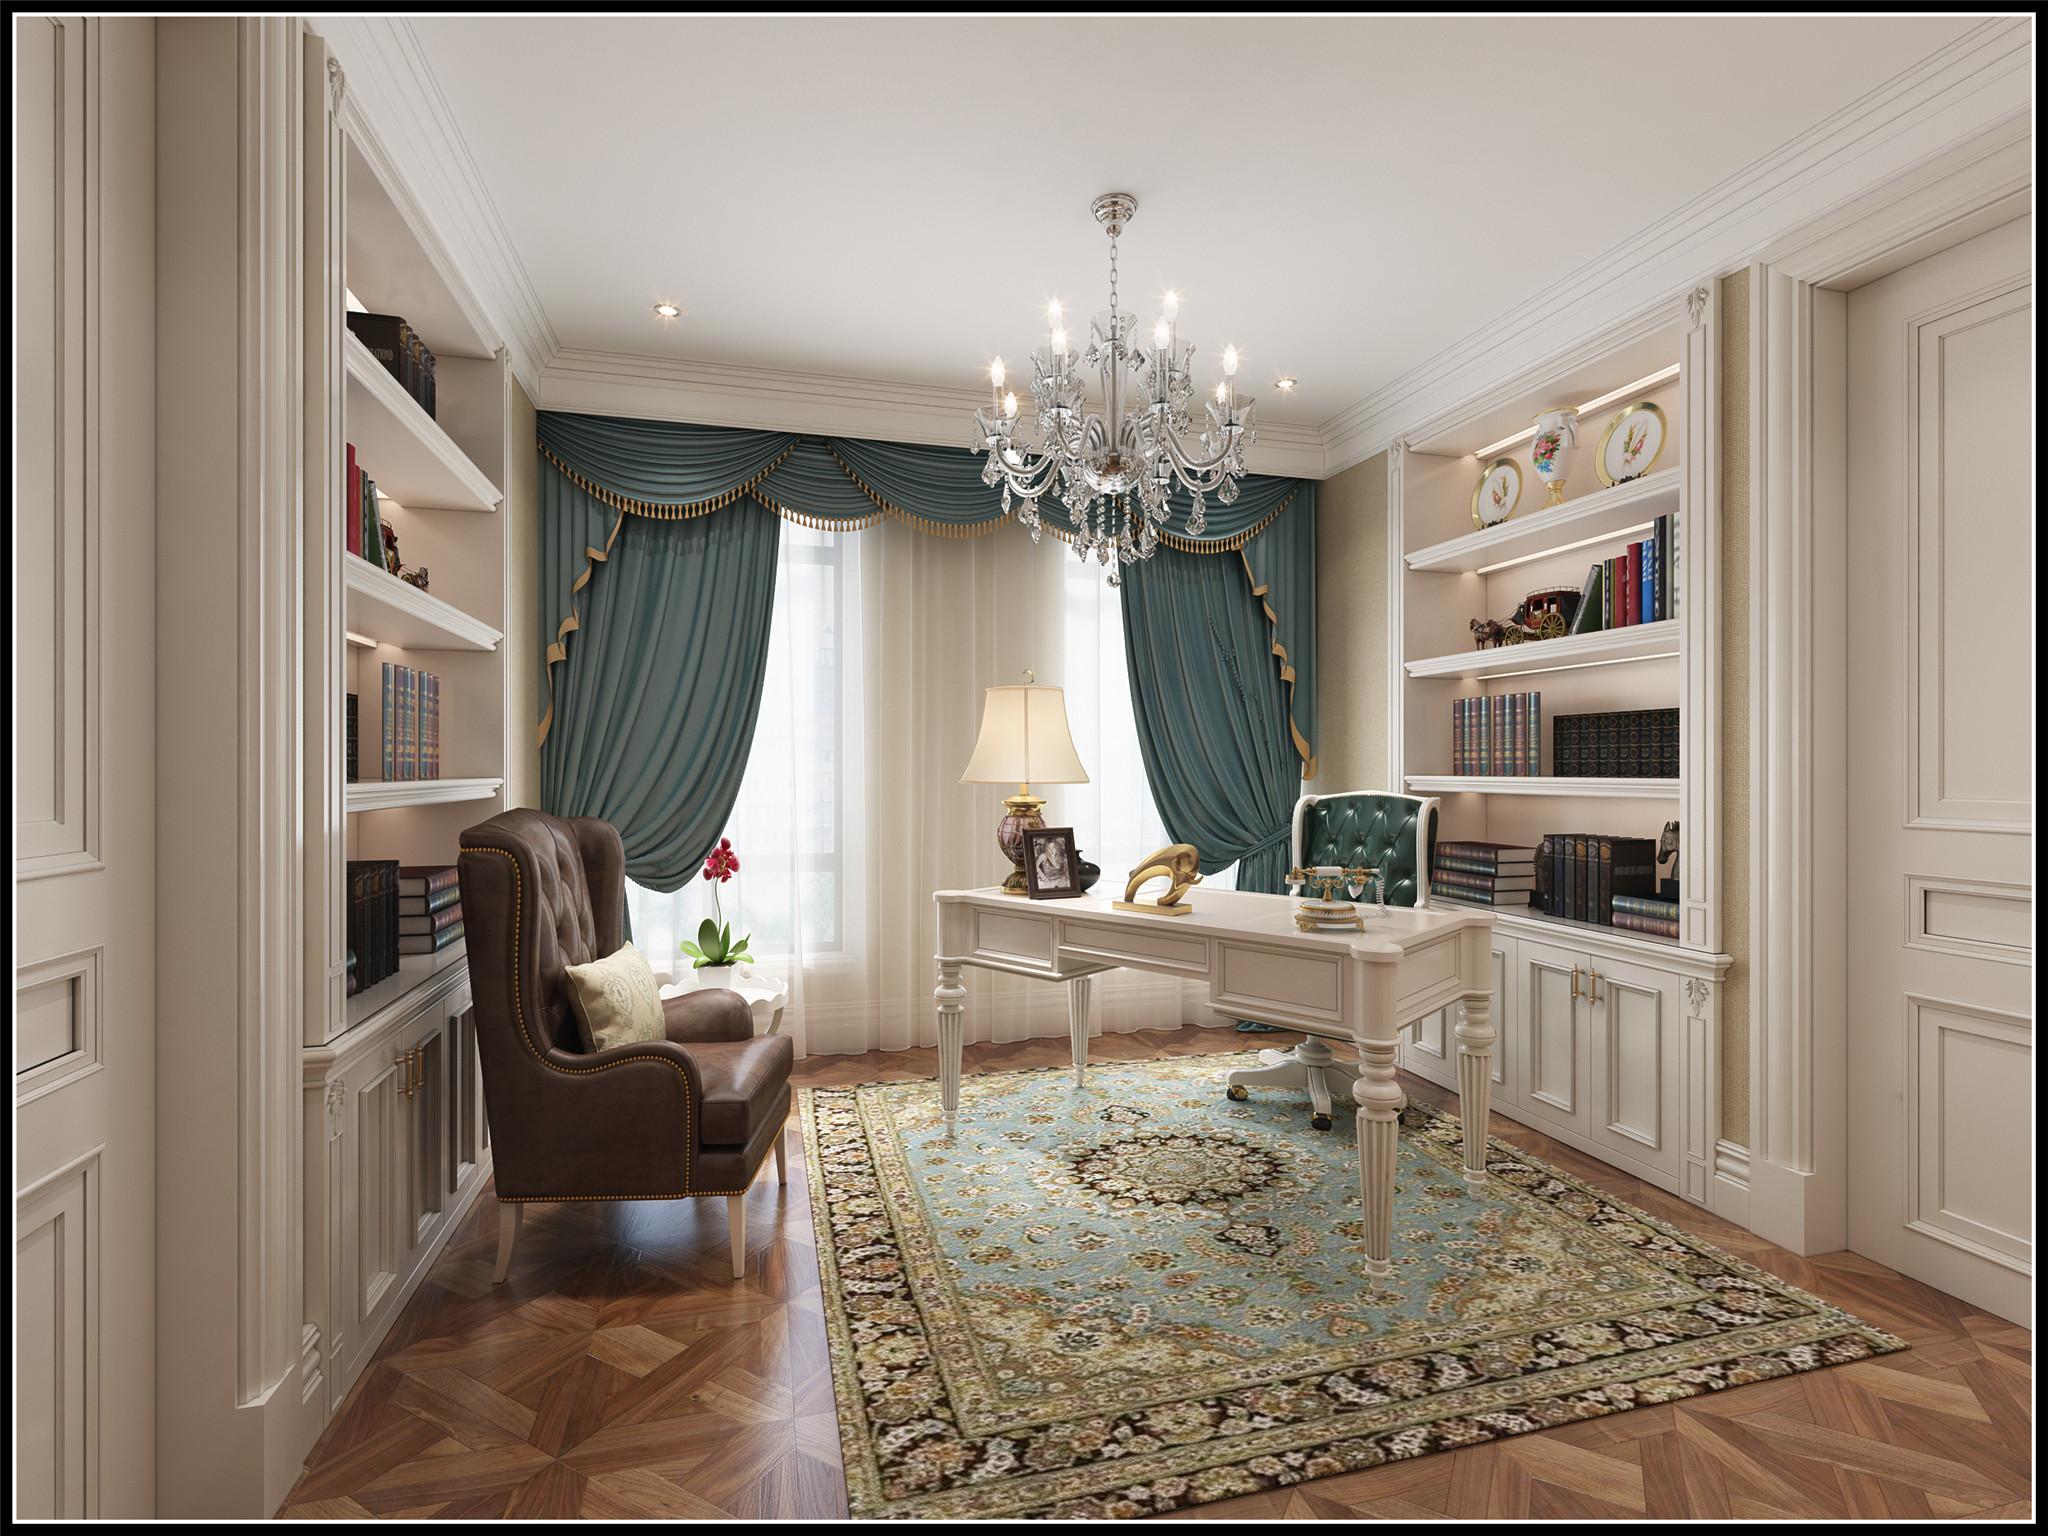 3.书房书房延续了公区的雅致,大面积采用奶咖色与白色搭配,简单温馨。窗帘及书桌椅用抢眼的冷色系,空间摒弃平庸的同时留给了书房一份宁静。